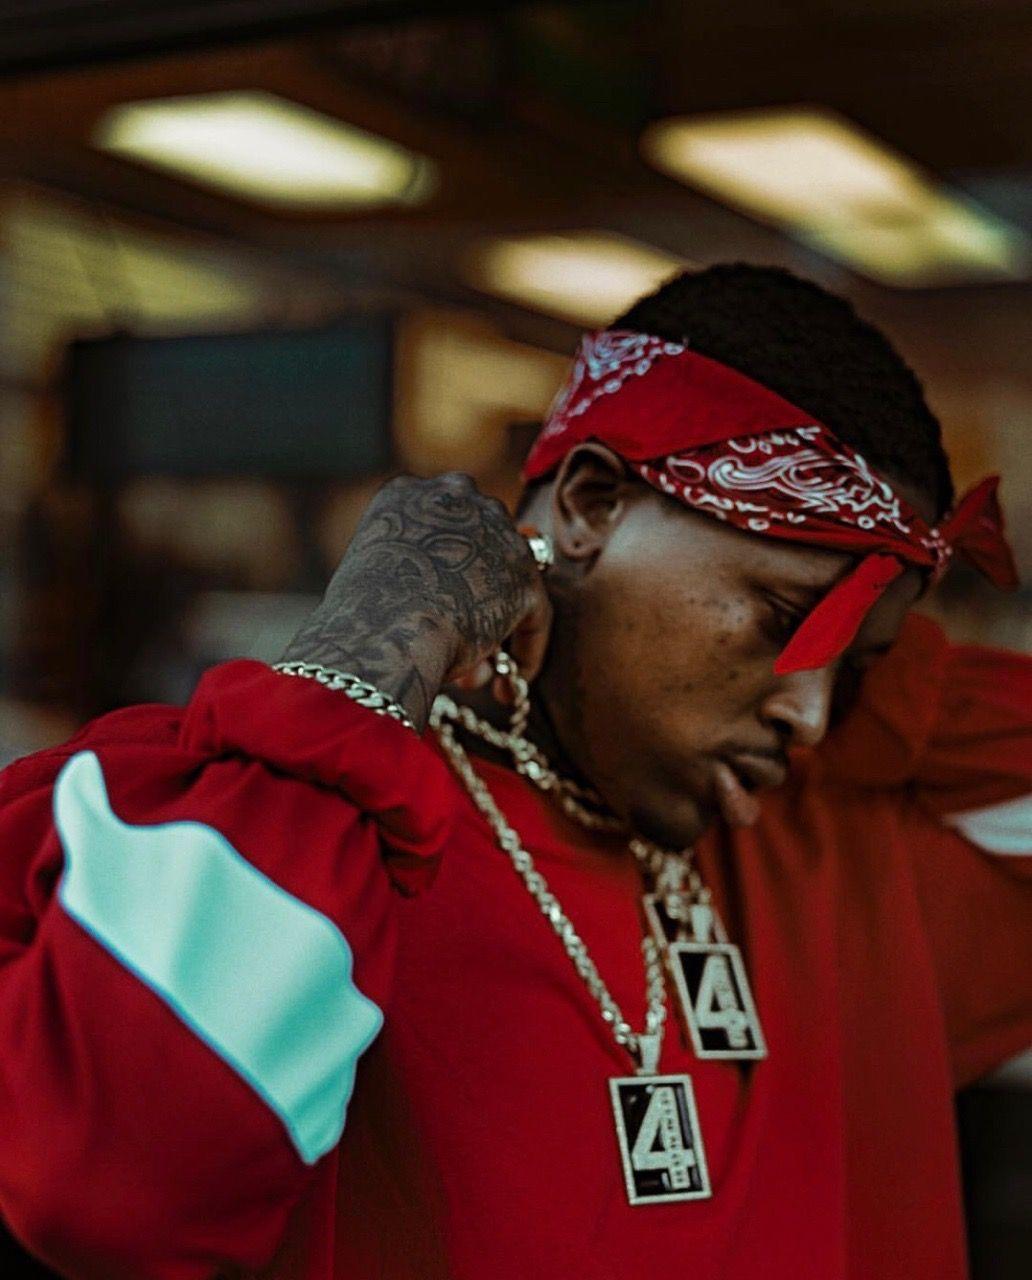 Pin by alyssa lara on B Yg rapper Rapper style Gang culture 1032x1280